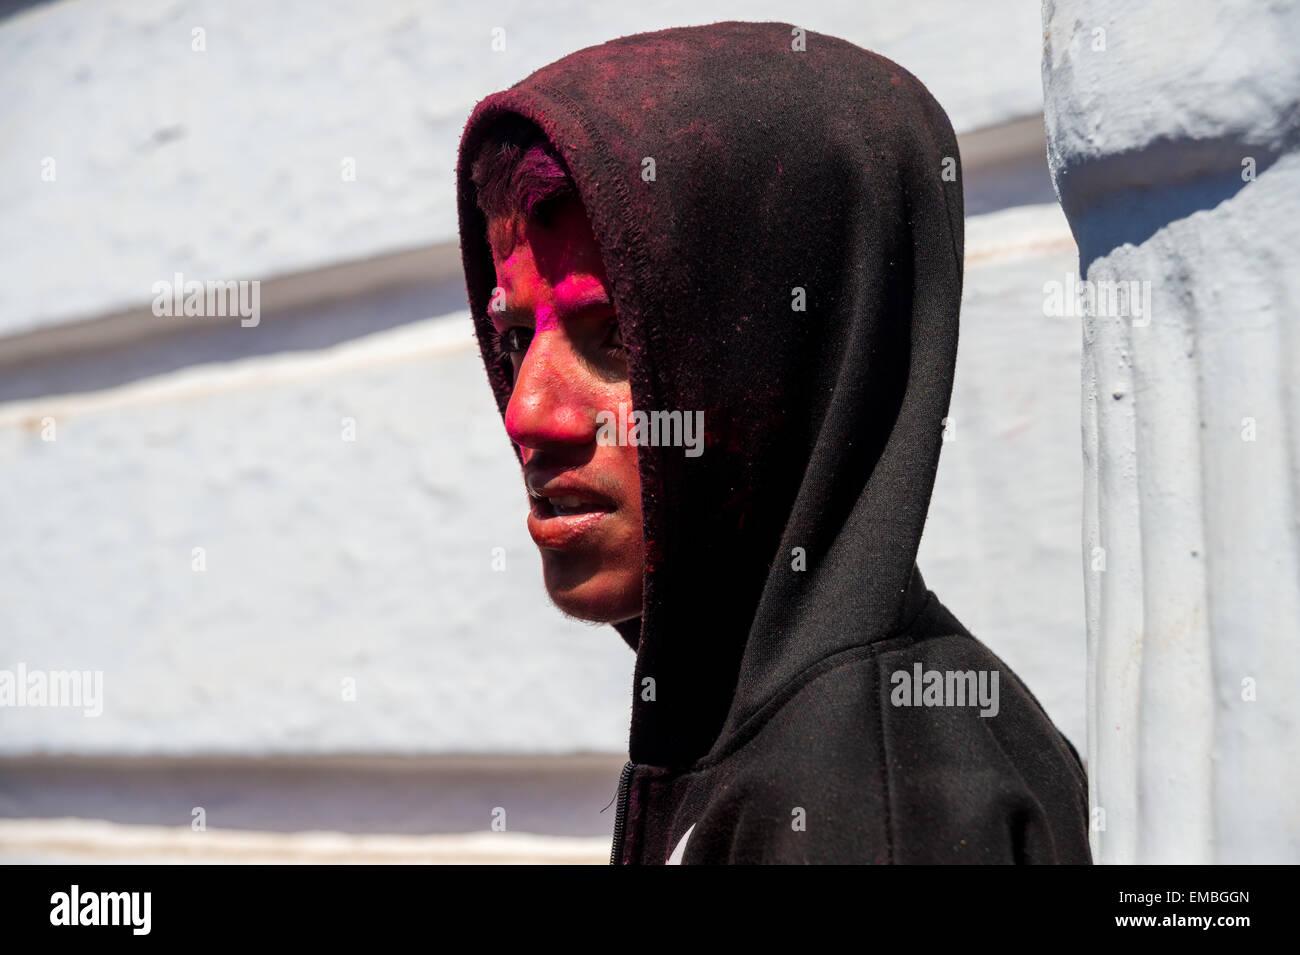 Adolescent népalais avec visage peint en rouge et un sweat noir lors du festival holi Photo Stock